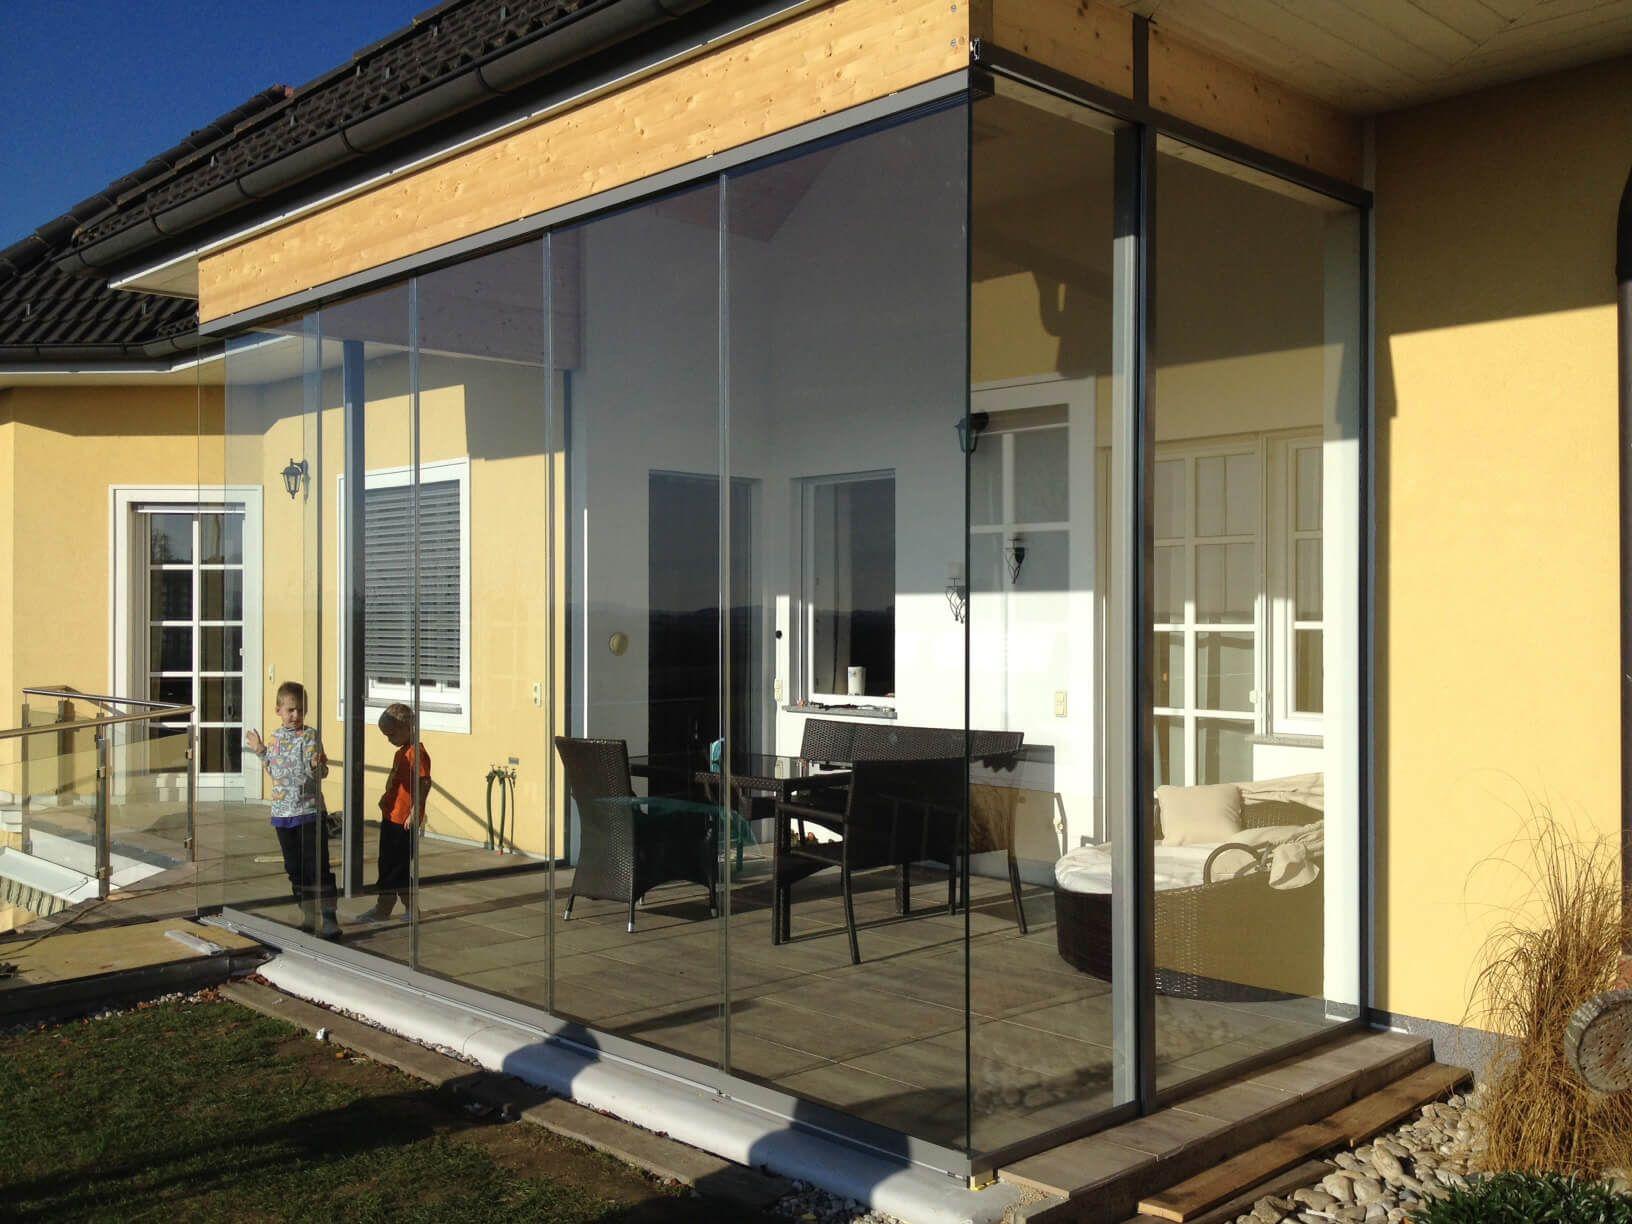 Hohe schiebet ren aus glas sunflex sf 20 f r optimalen wetterschutz garten - Wintergarten ffb ...